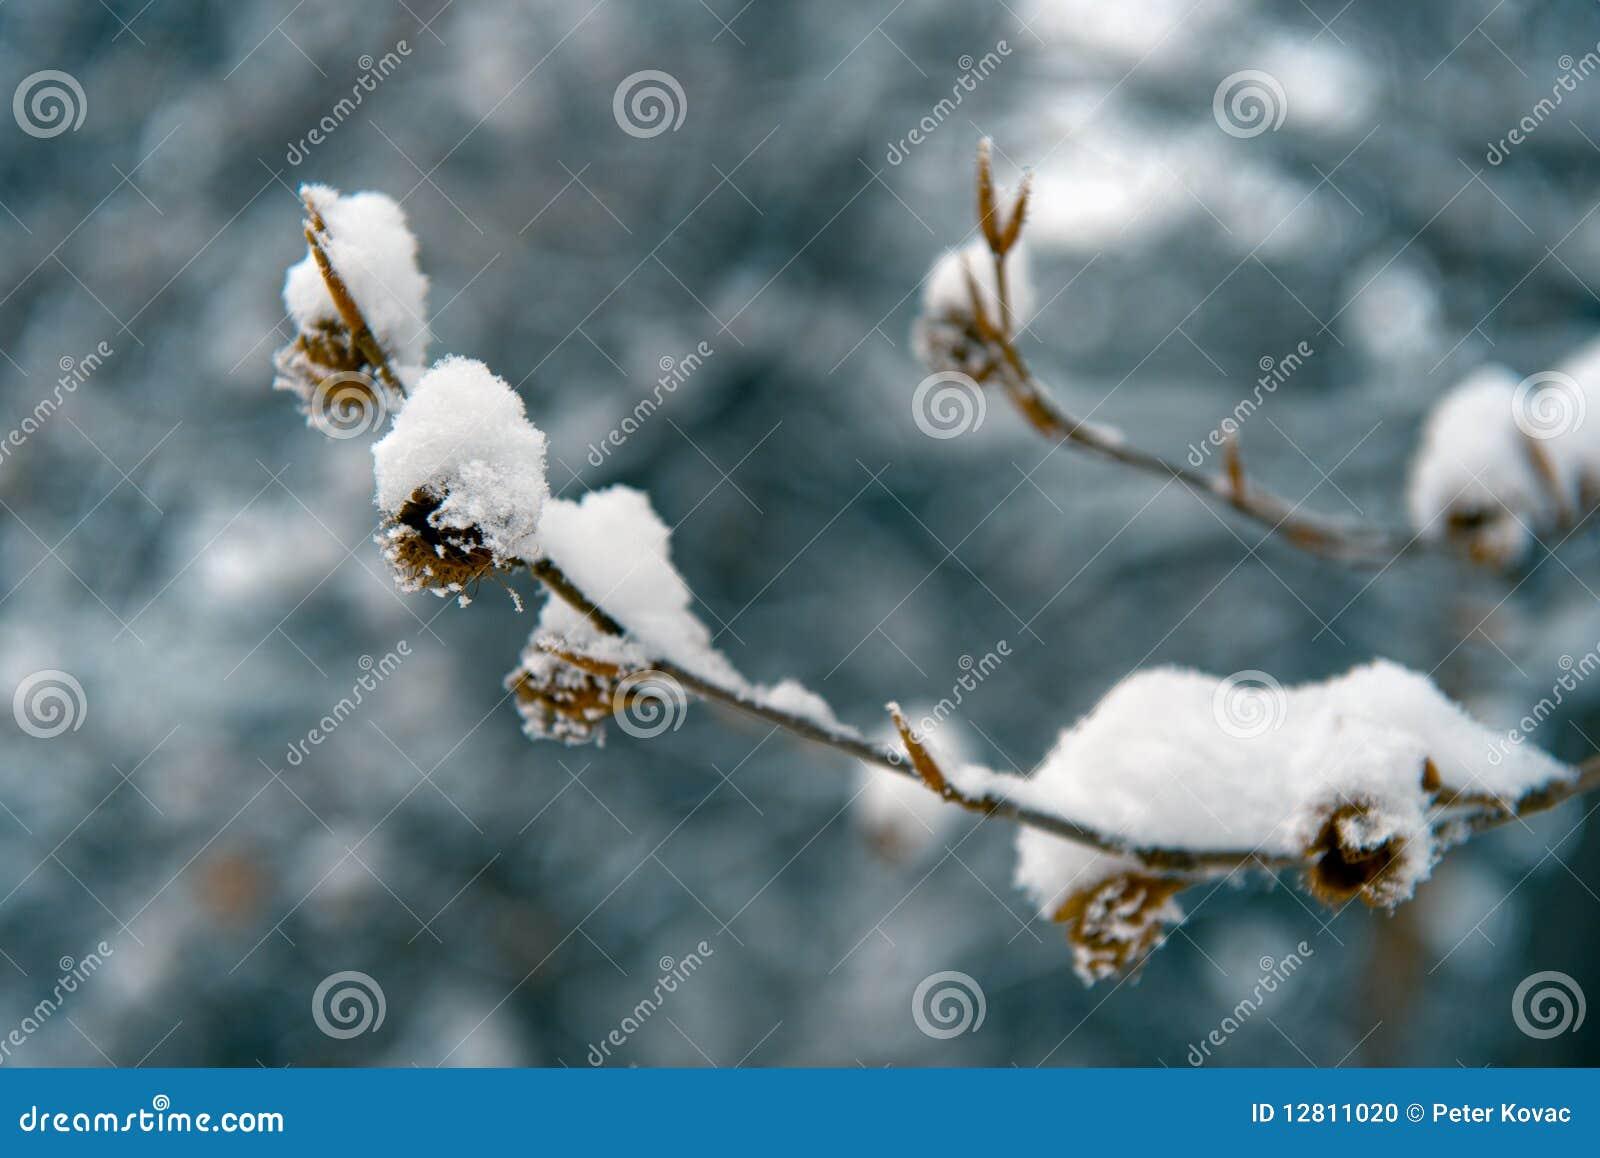 Detalhes do inverno